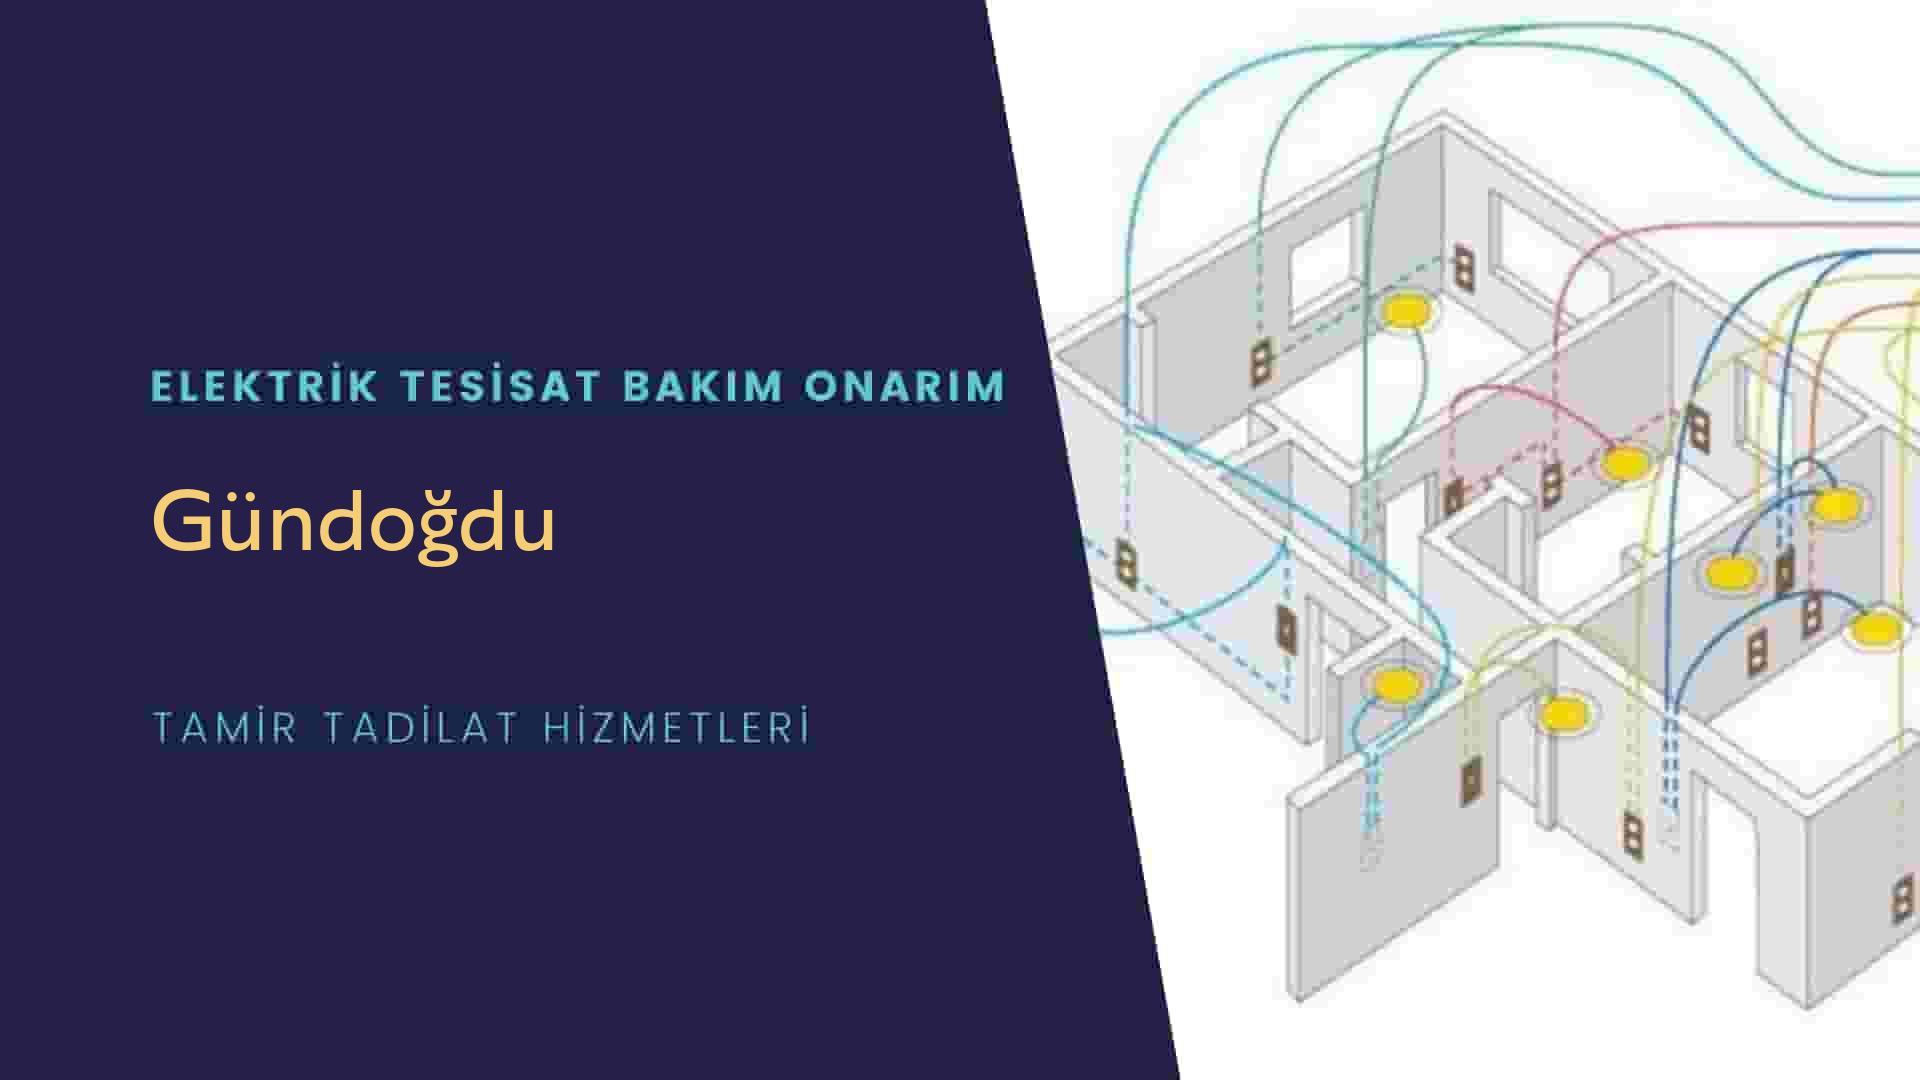 Gündoğdu'da elektrik tesisatıustalarımı arıyorsunuz doğru adrestenizi Gündoğdu elektrik tesisatı ustalarımız 7/24 sizlere hizmet vermekten mutluluk duyar.